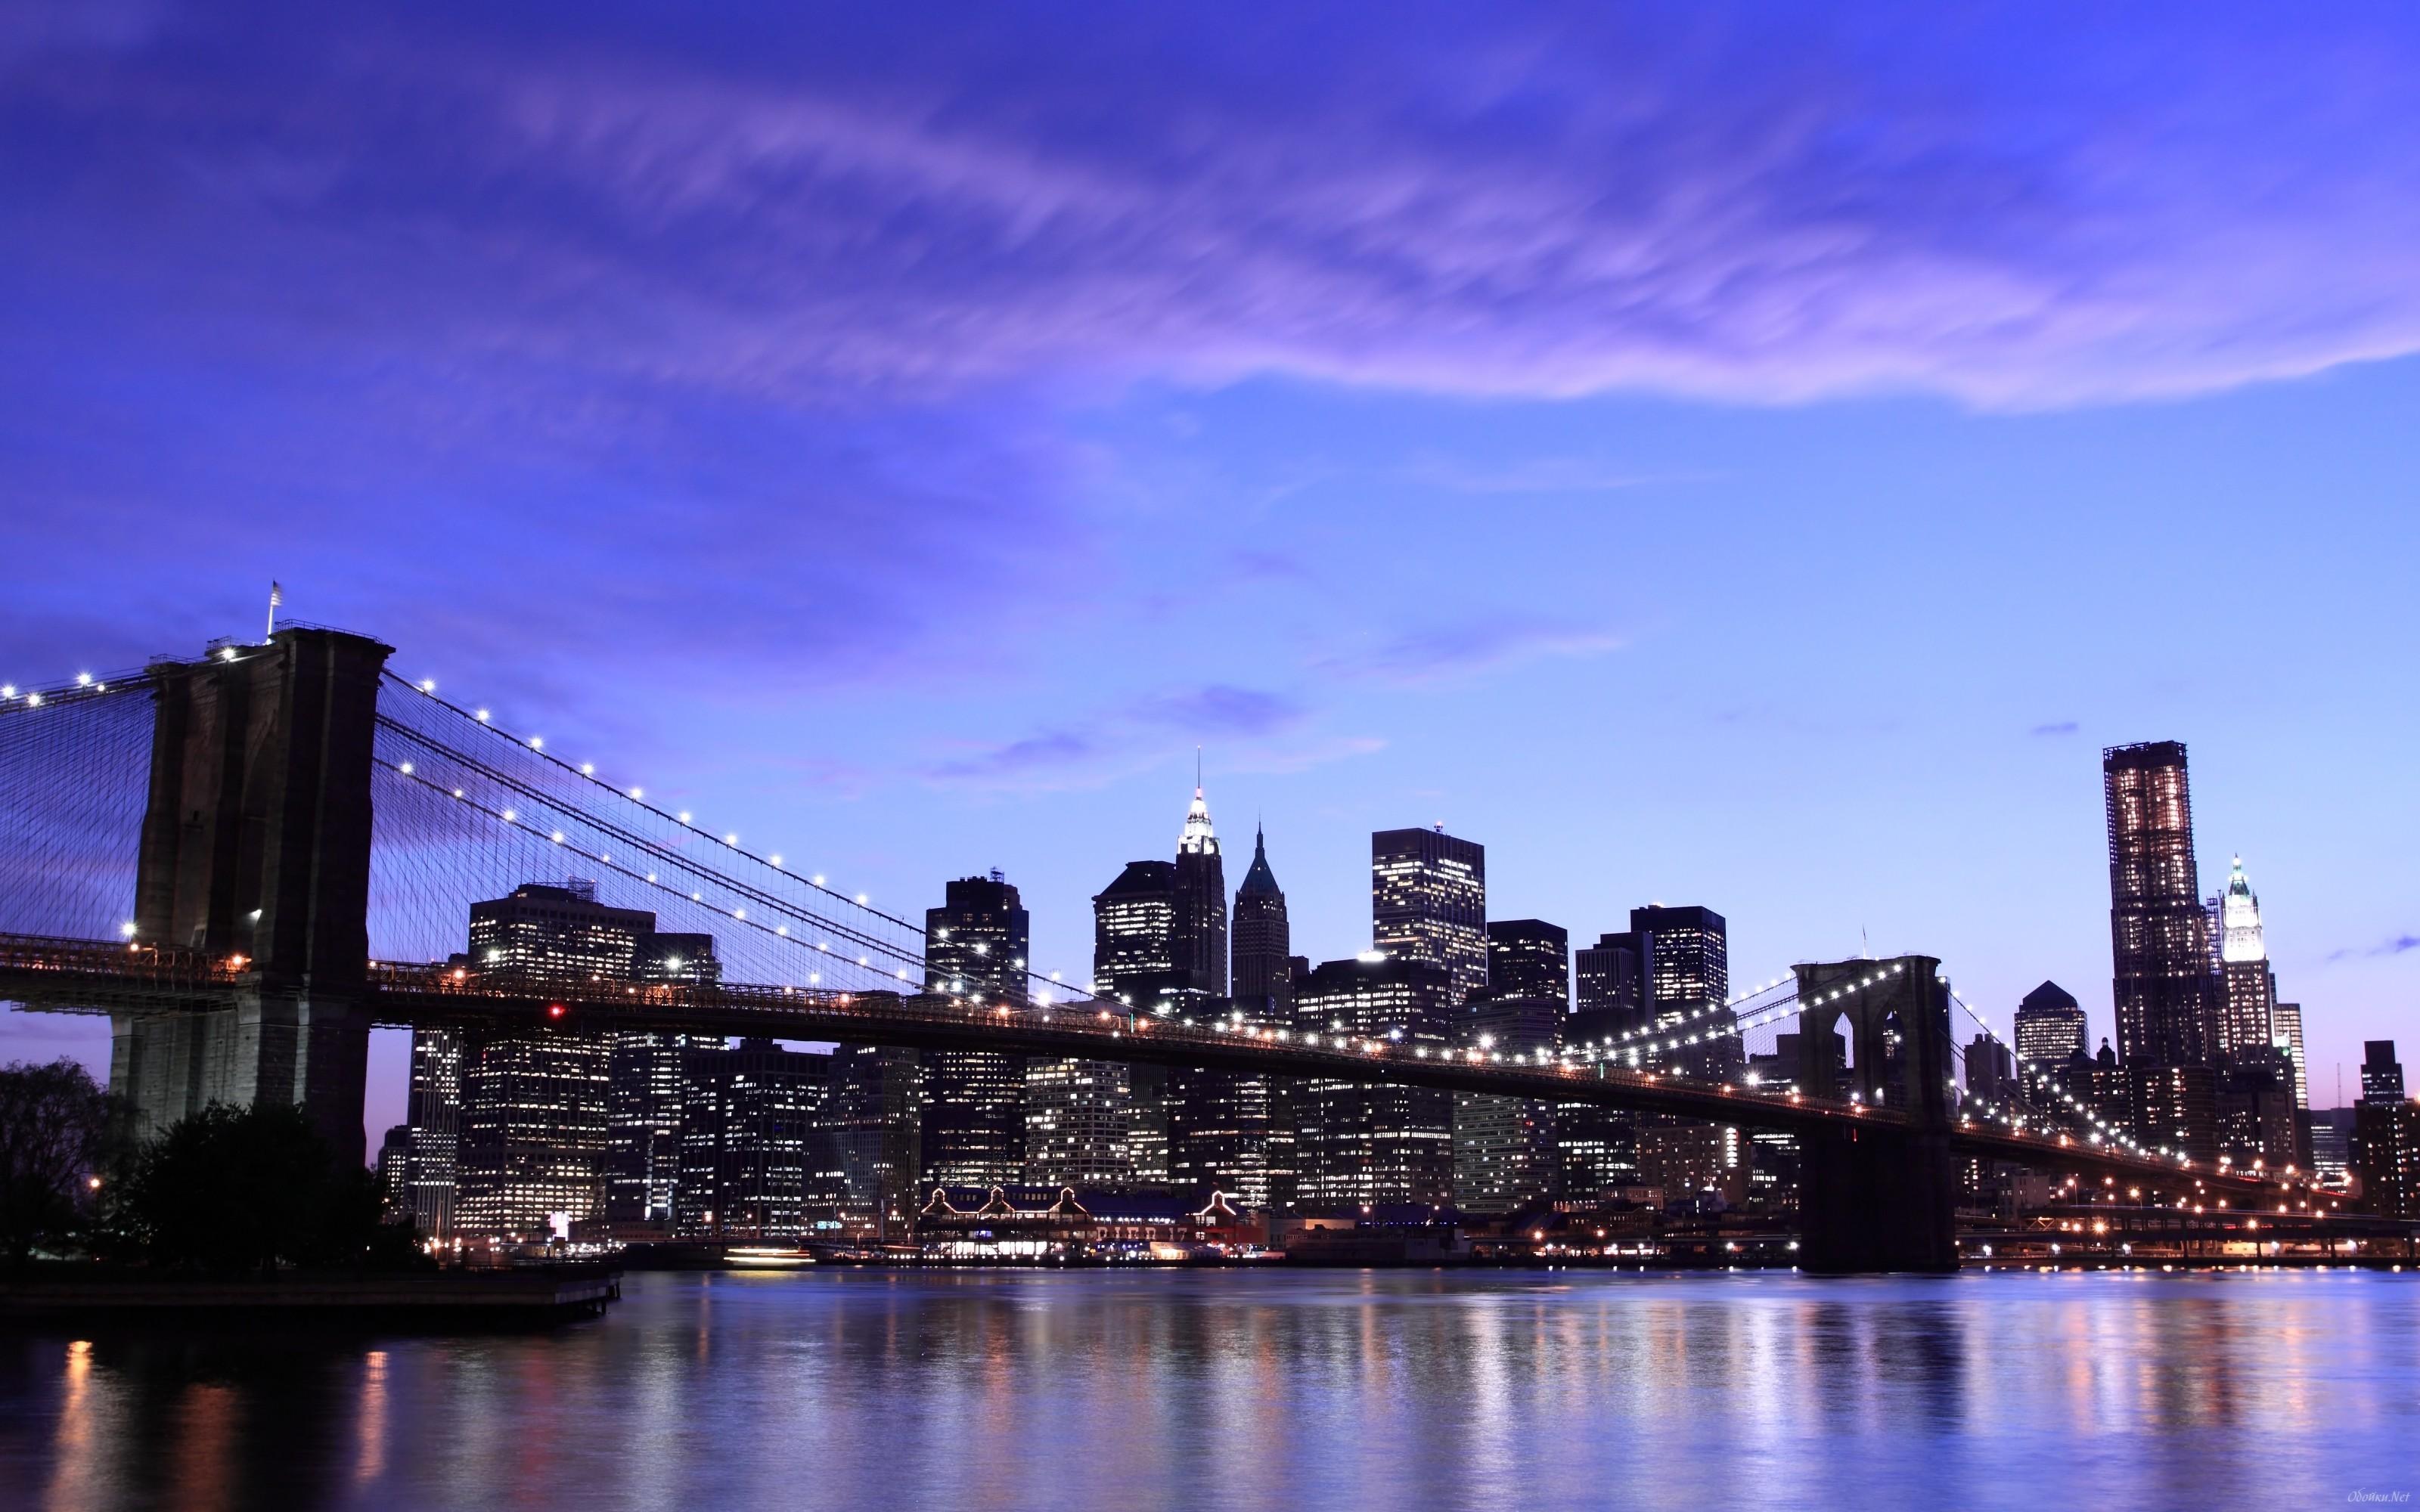 new york desktop background 60 images